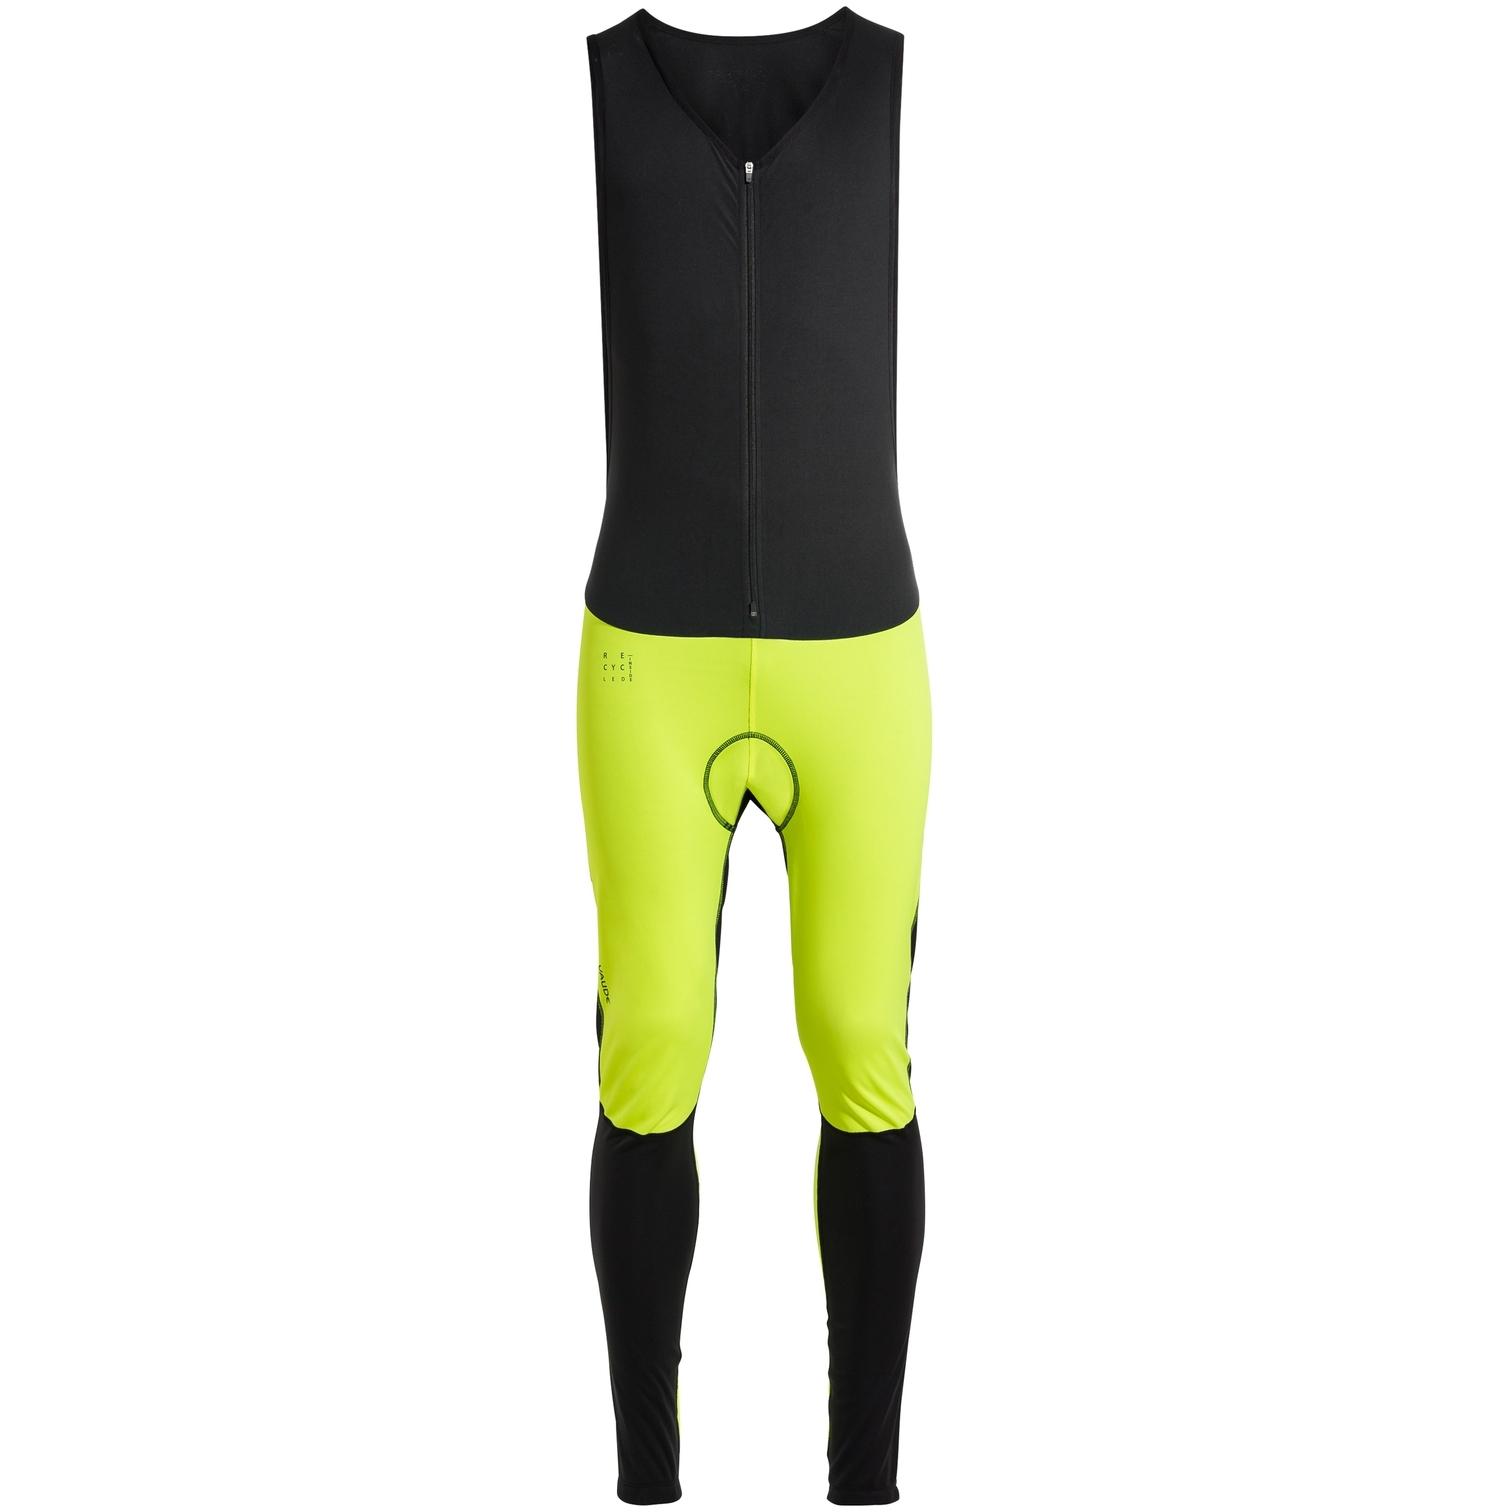 Vaude Posta Warm Trägerhose - neon yellow